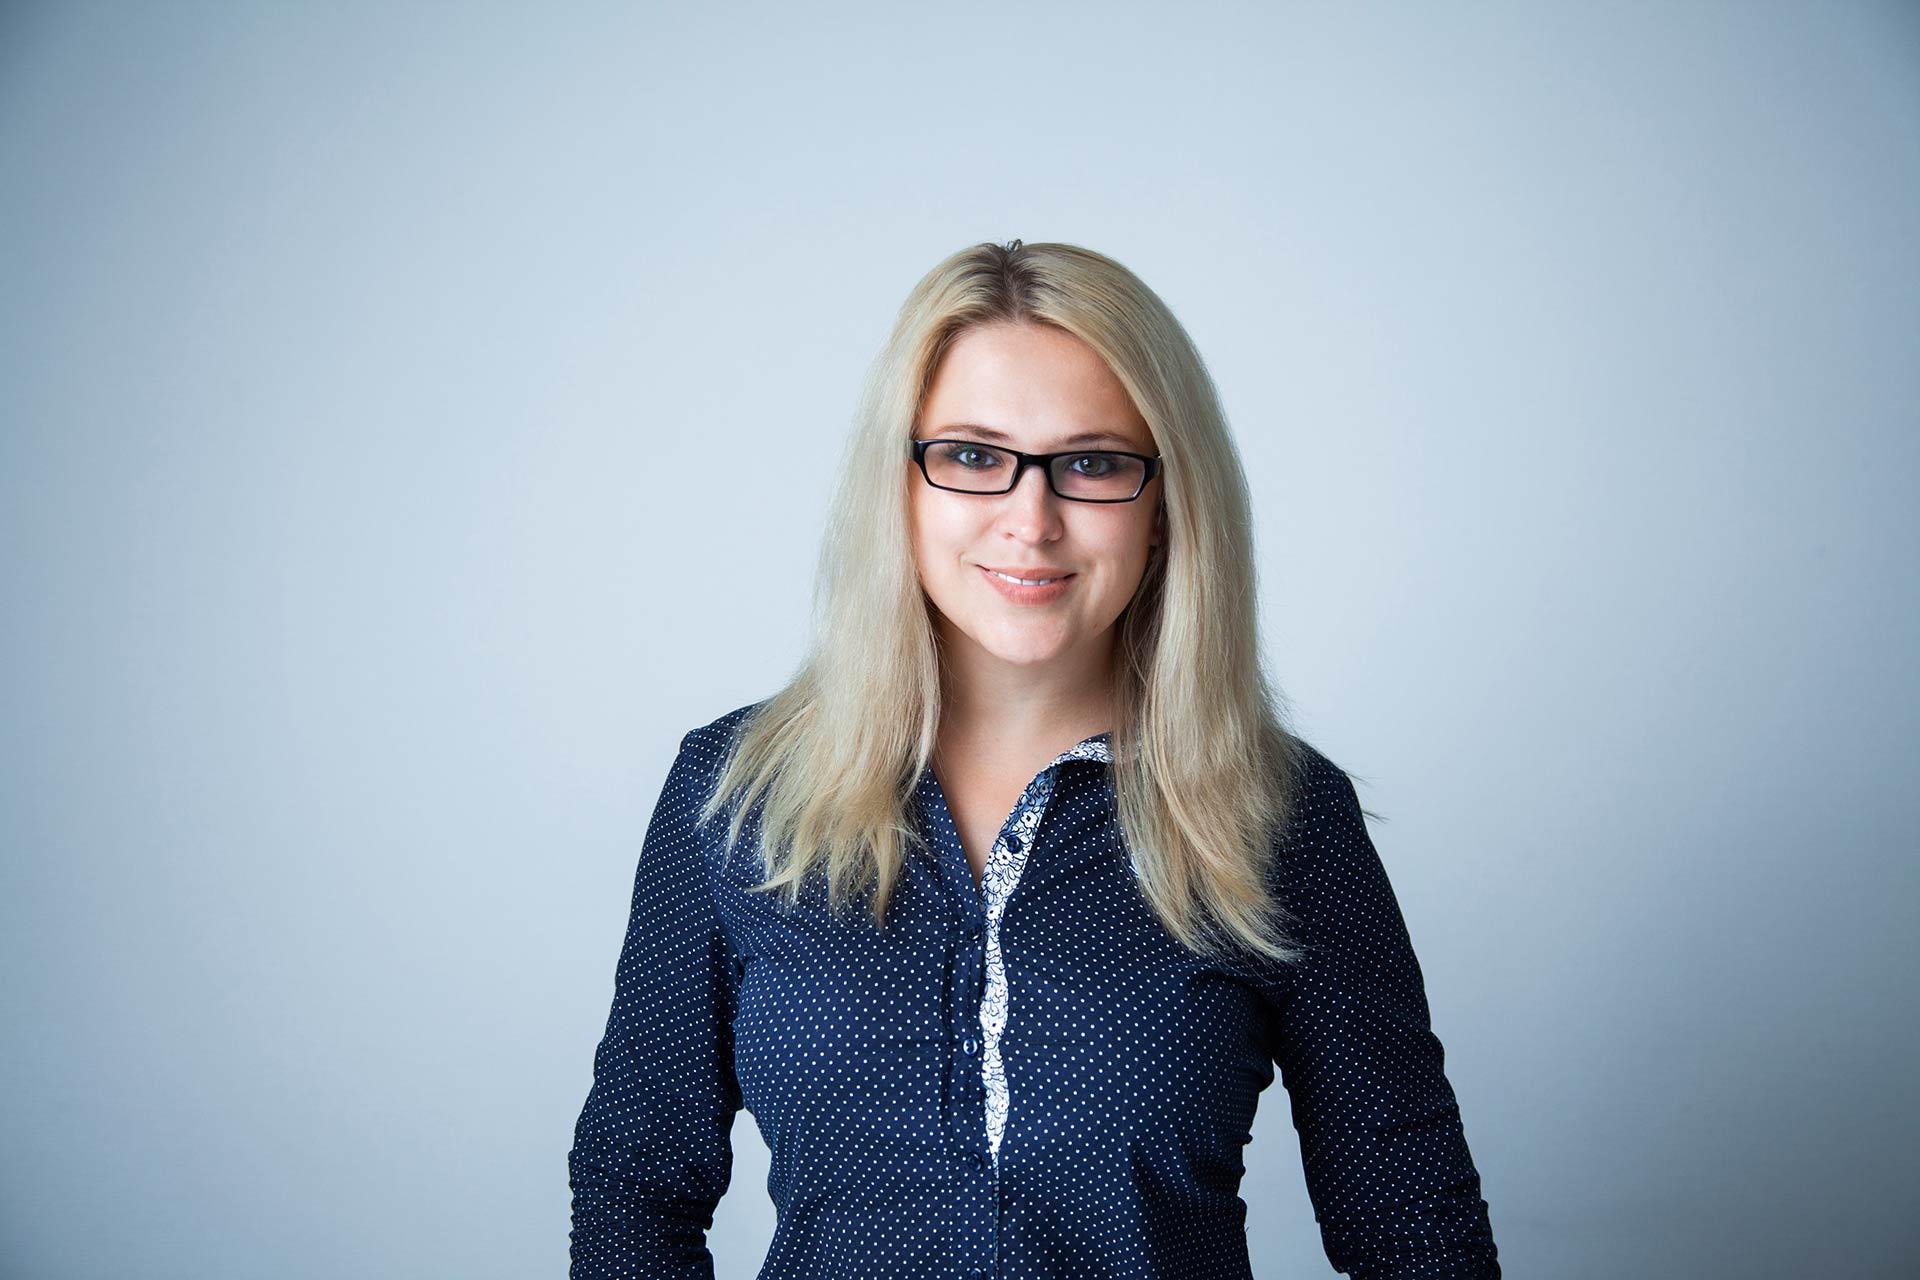 Маргарита Туктарова. Руководитель отдела Digital-проектов в «Актион Управление и Финансы». Digital стратег по продаже цифровых media-продуктов.